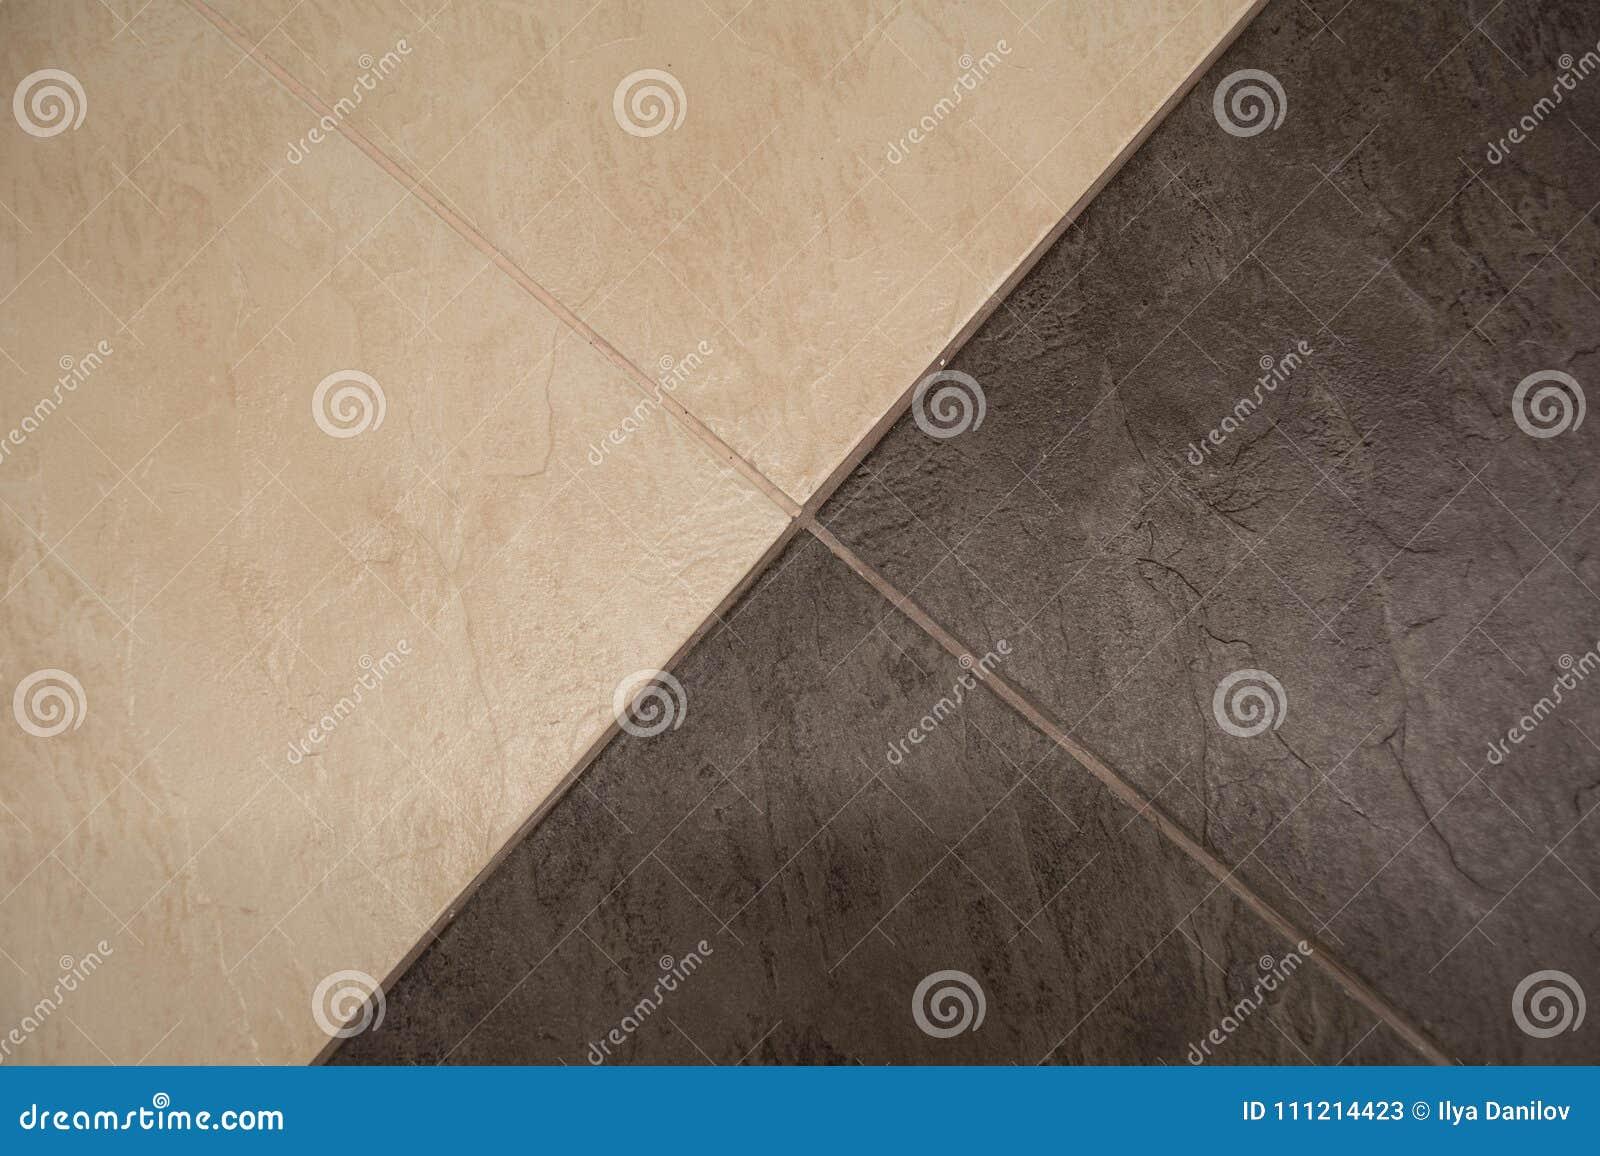 Piastrelle per pavimento ceramiche per struttura immagine stock